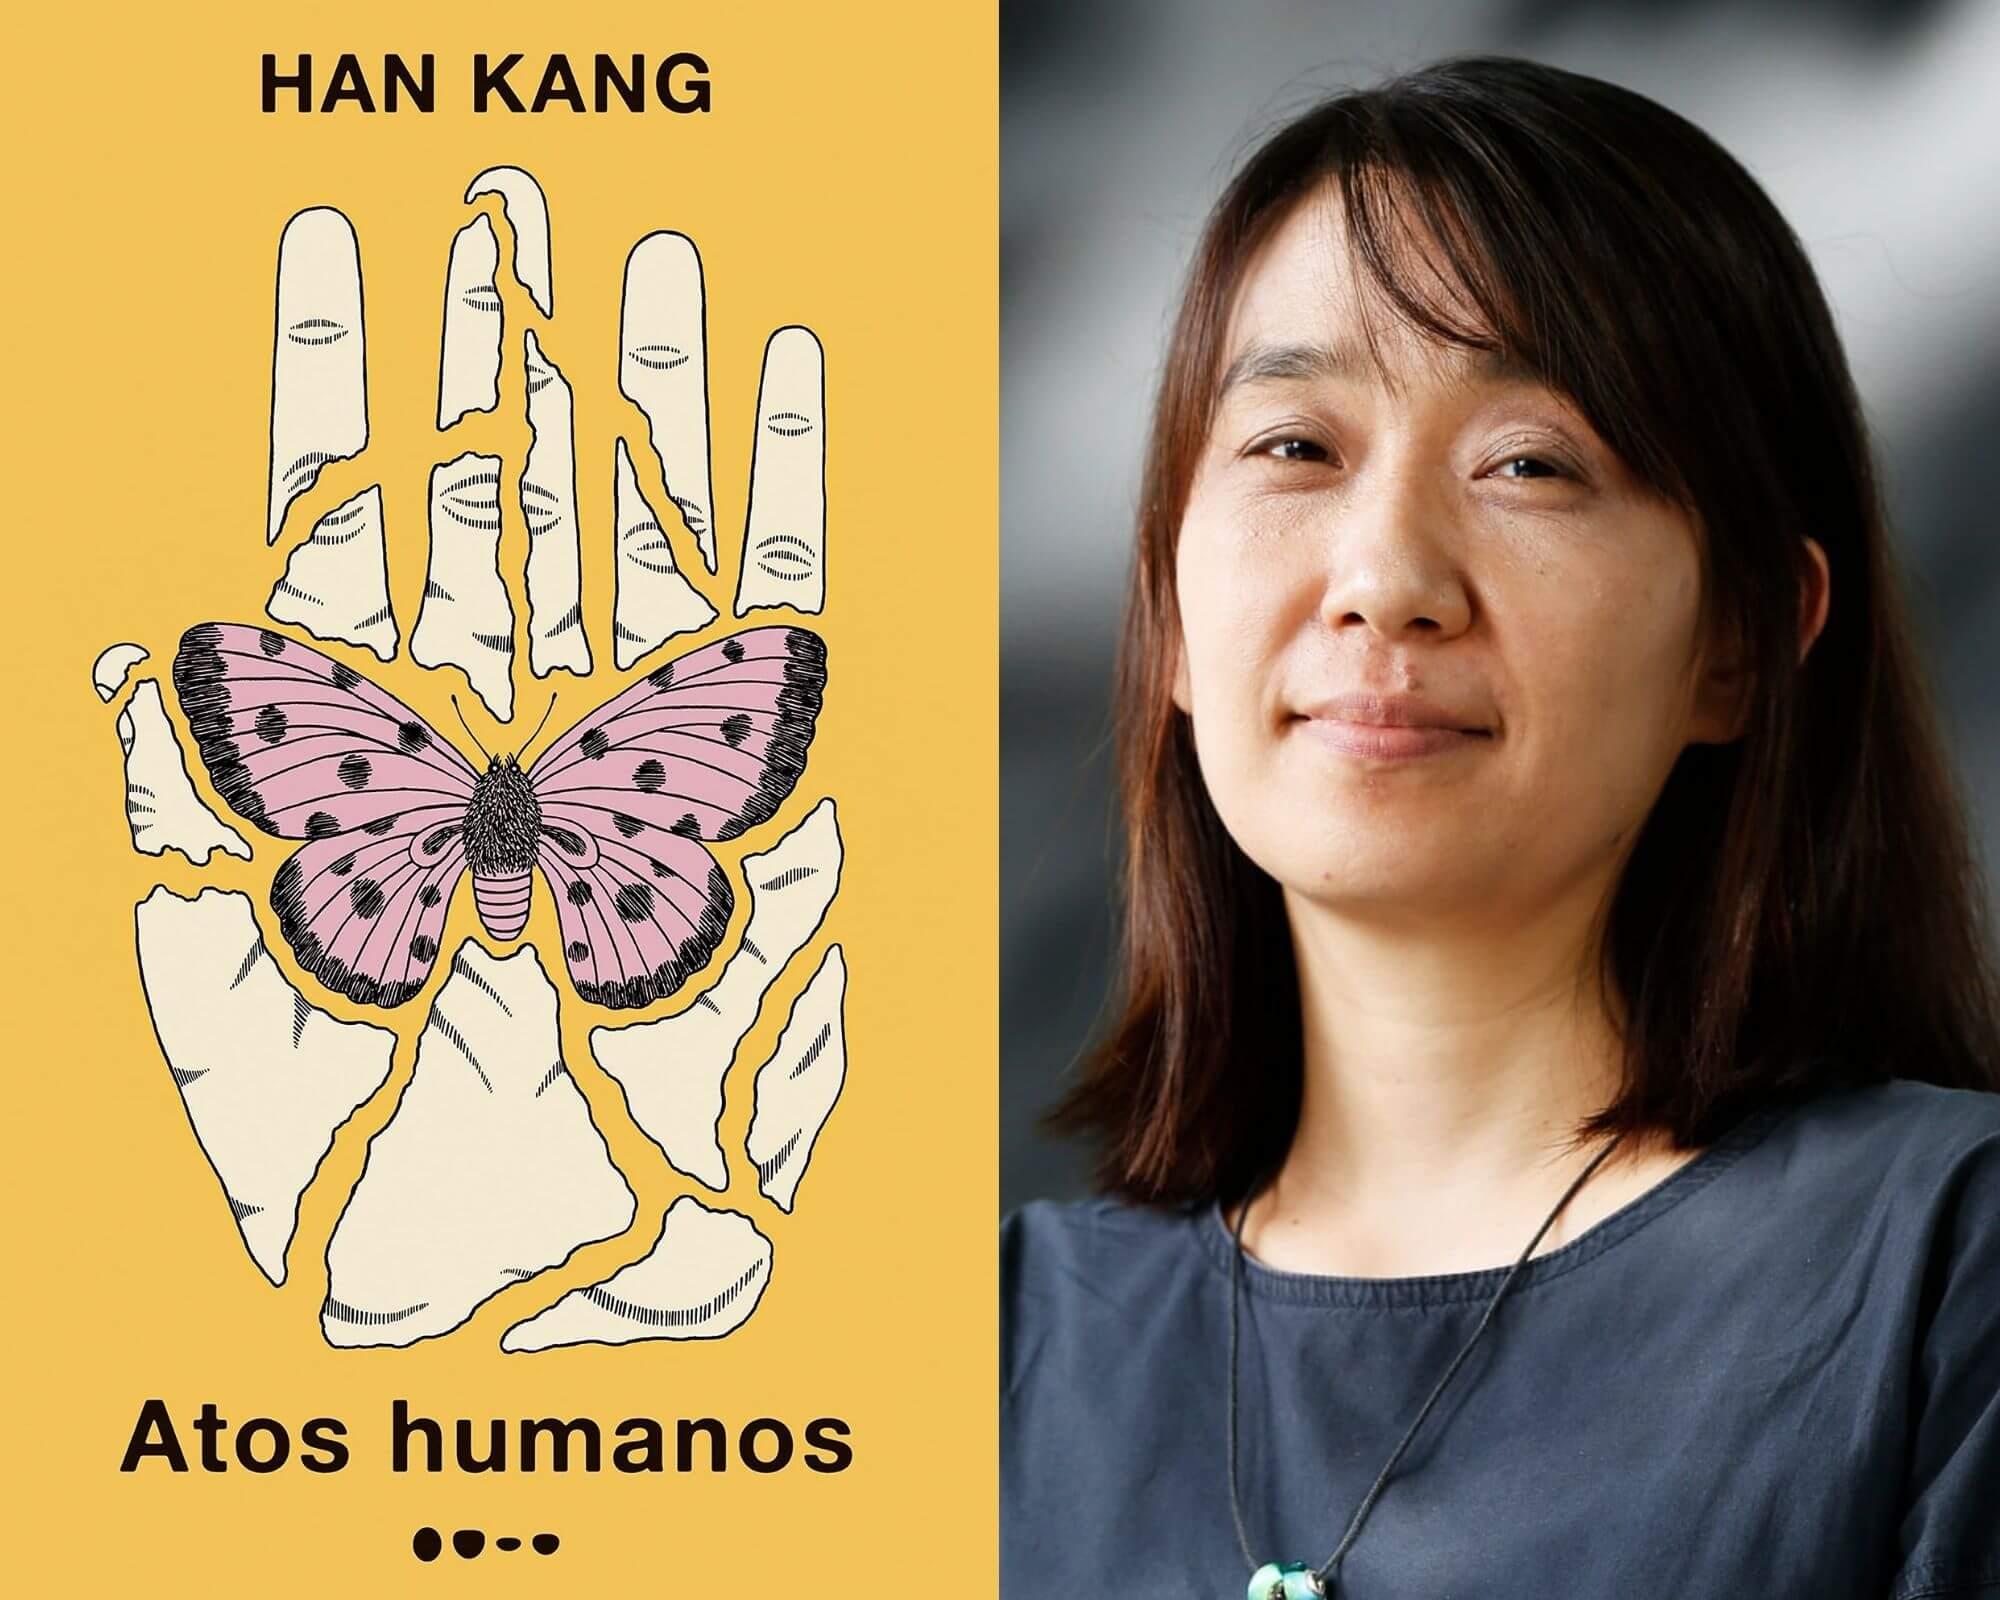 atos humanos novo livro hang kang